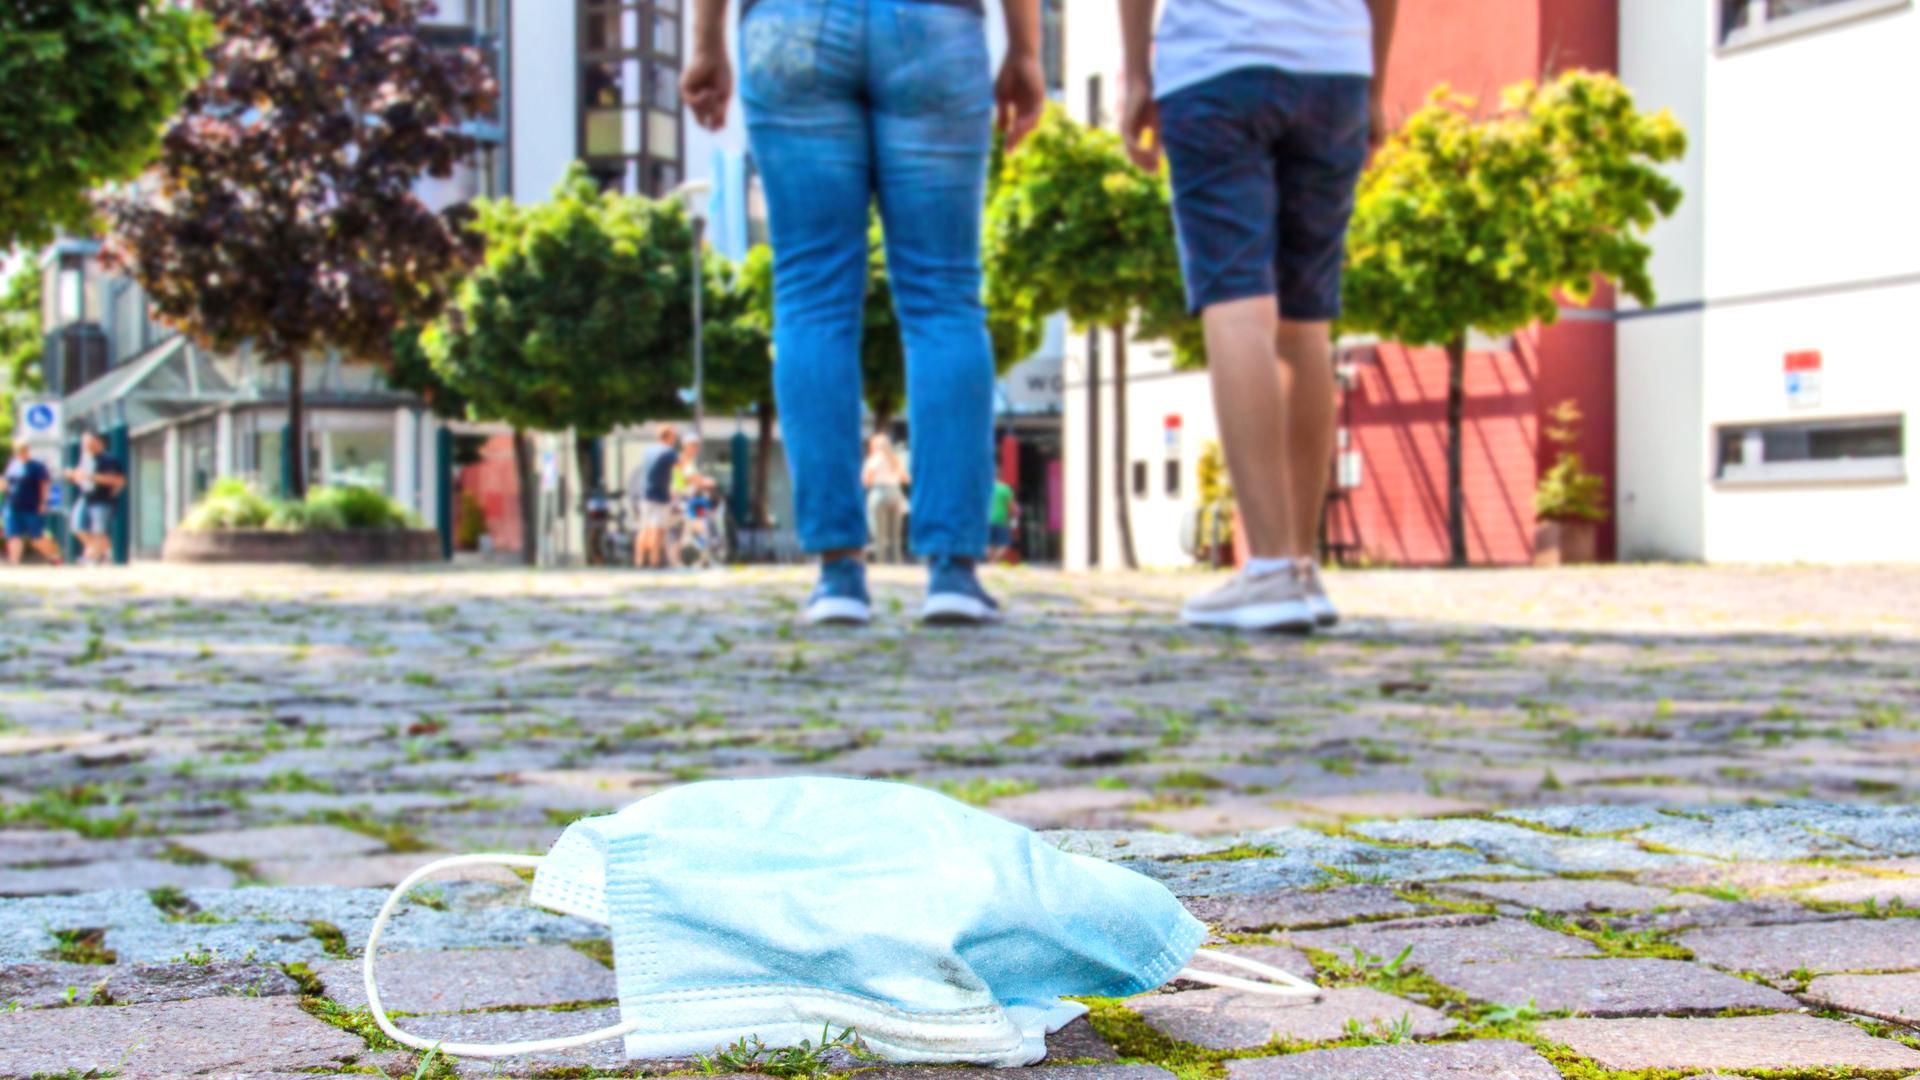 Der BUND in Offenburg und auch viele Verwaltungen in der Region schlagen Alarm. Denn immer mehr OP- und FFP 2-Masken werden unachtsam einfach auf der Straße entsorgt. Das Müll-Problem wird gerade für die Tierwelt auch zu einem Gesundheits-Problem. Foto: Michael Brück